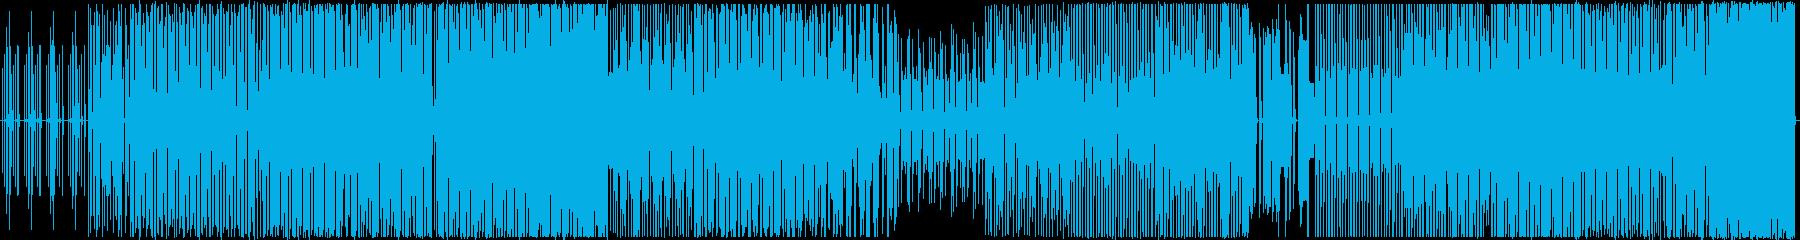 ダークで緊張感があり曲展開豊富なテクノの再生済みの波形